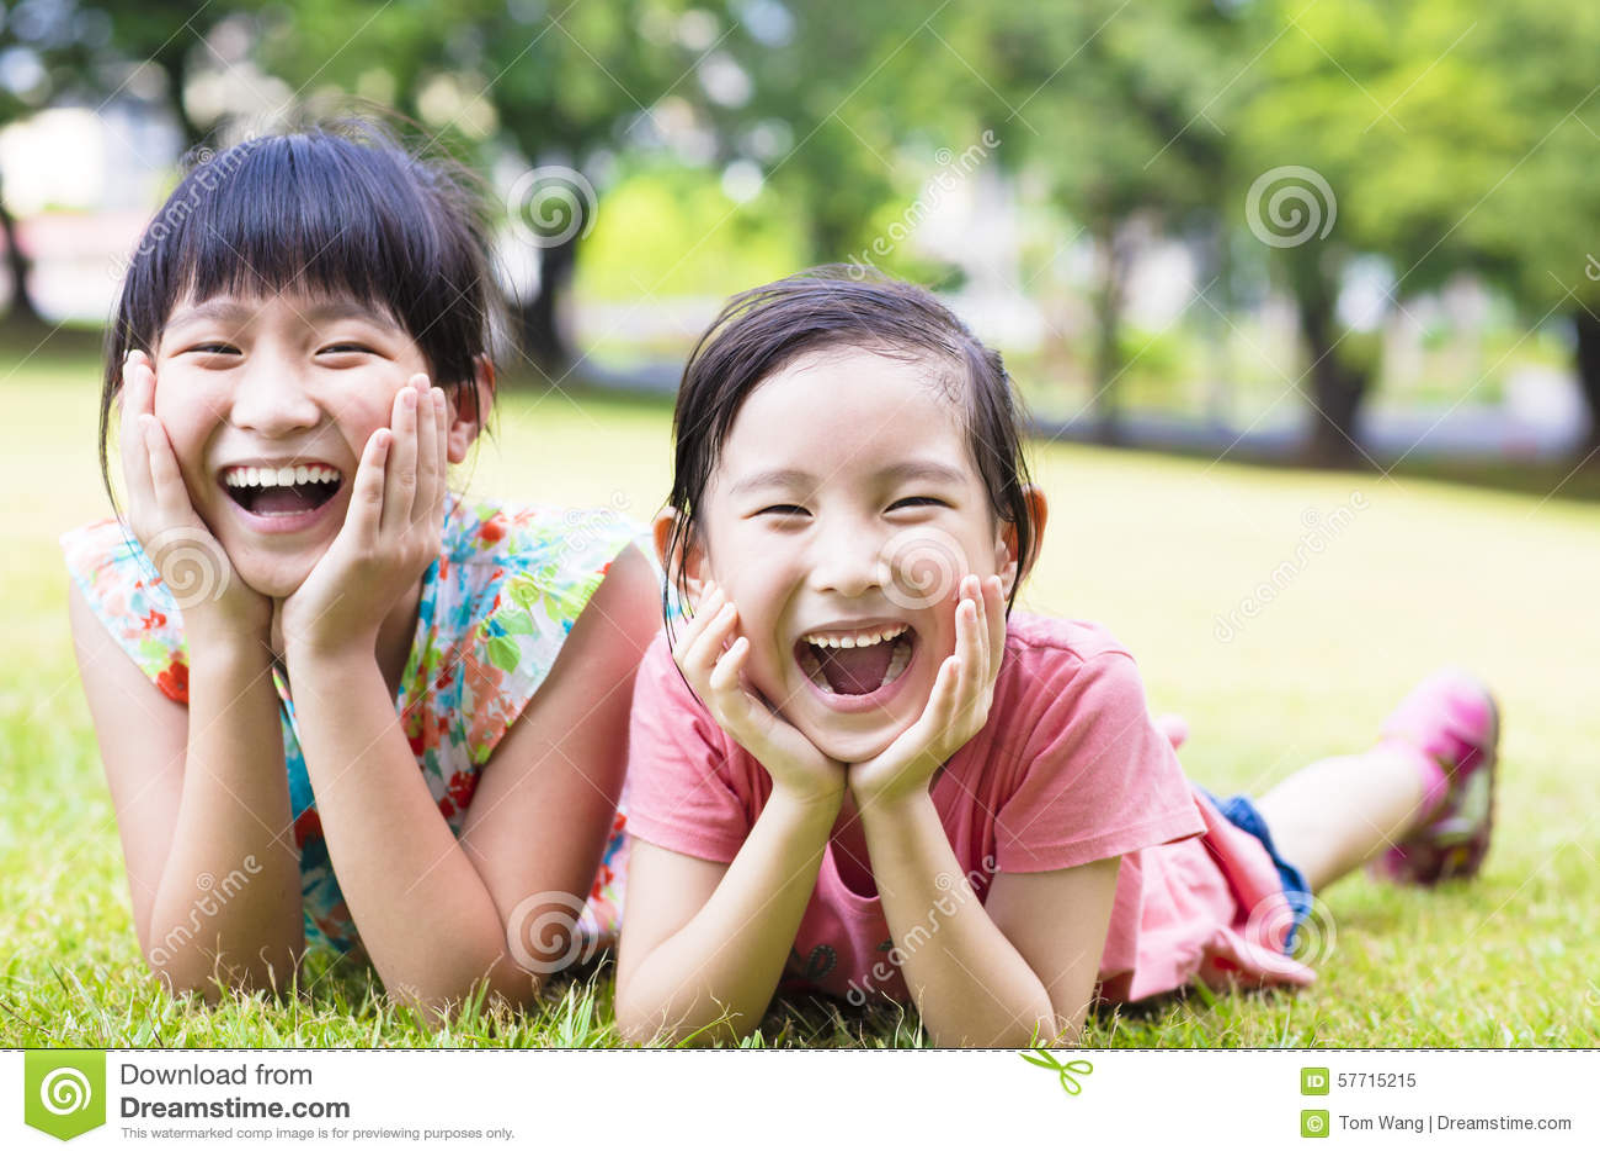 Девочки рачком фото крупный план фото 52-509